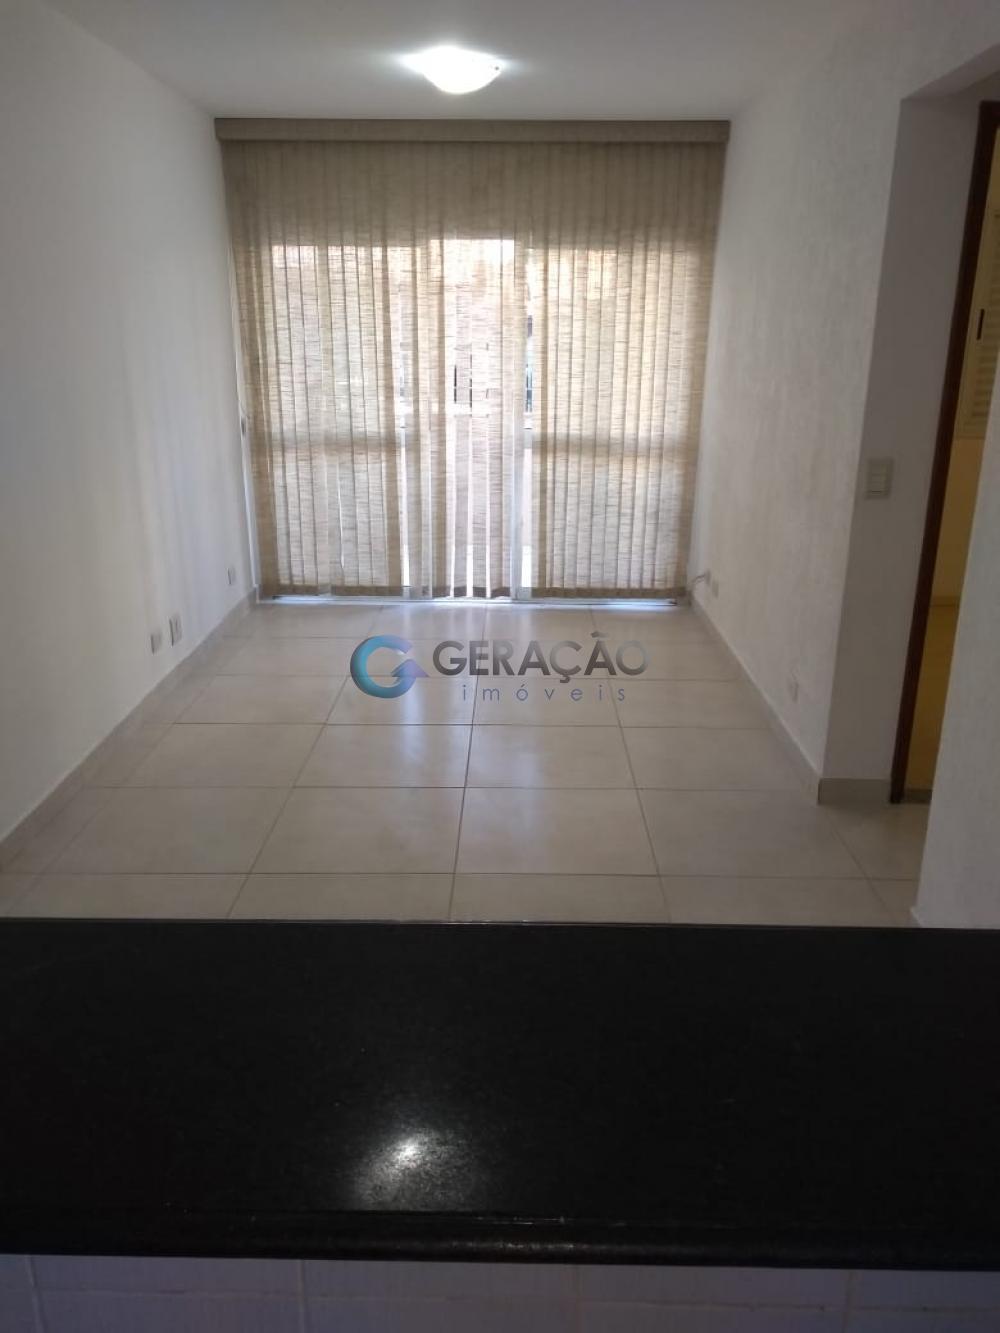 Comprar Apartamento / Padrão em São José dos Campos R$ 265.000,00 - Foto 4